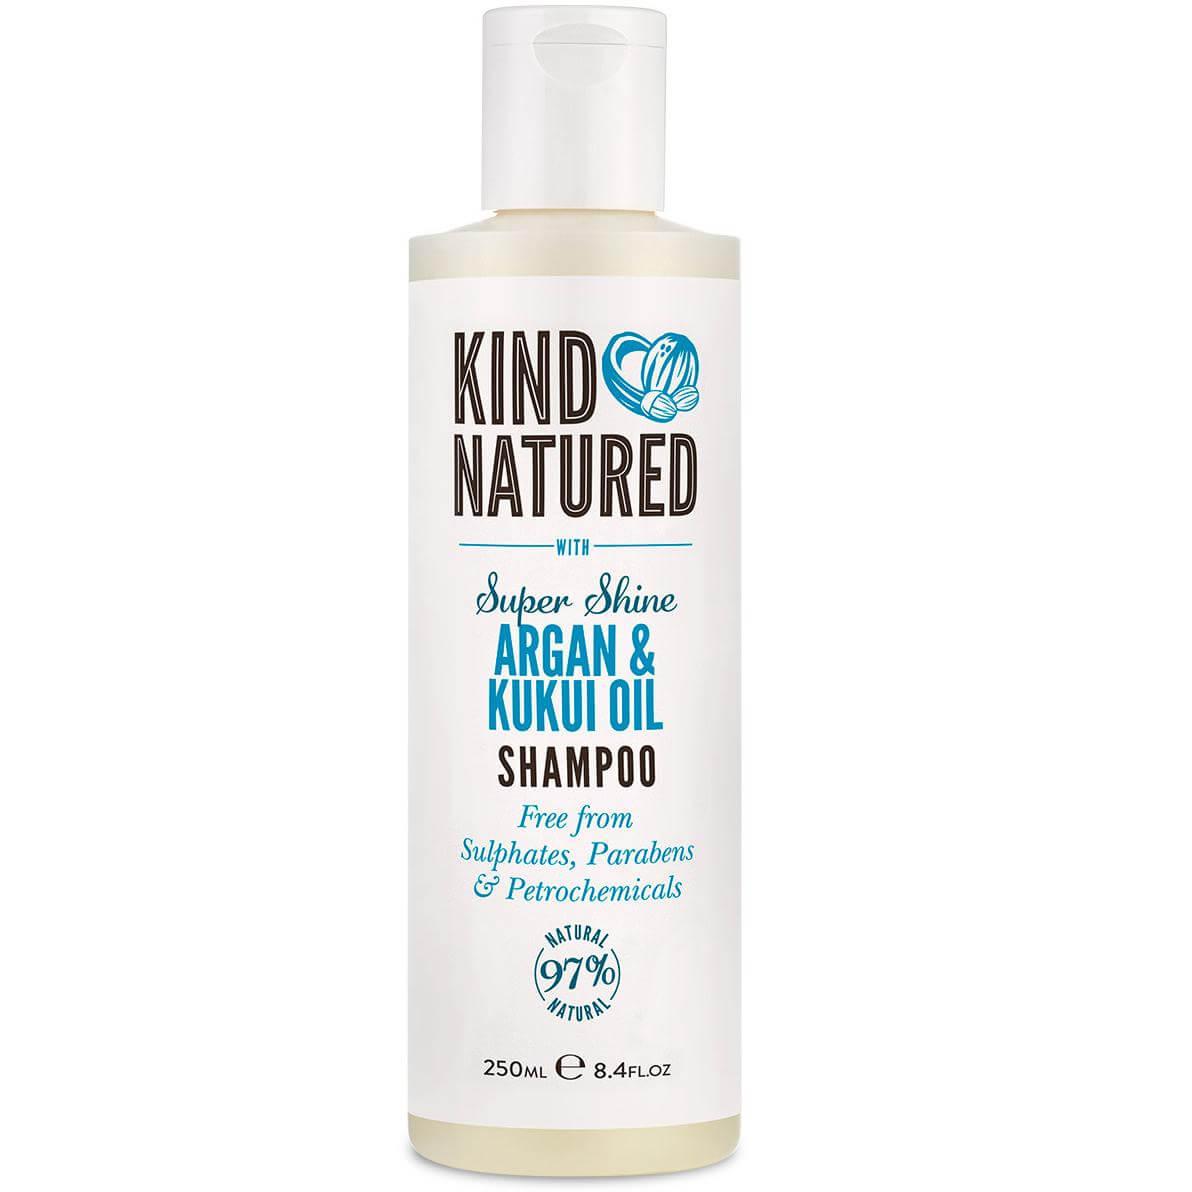 Kind Natured Super Shine Shampoo Argan & Kukui Oil Σαμπουάν για Λάμψη σε Μαλλιά που Φριζάρουν 250ml